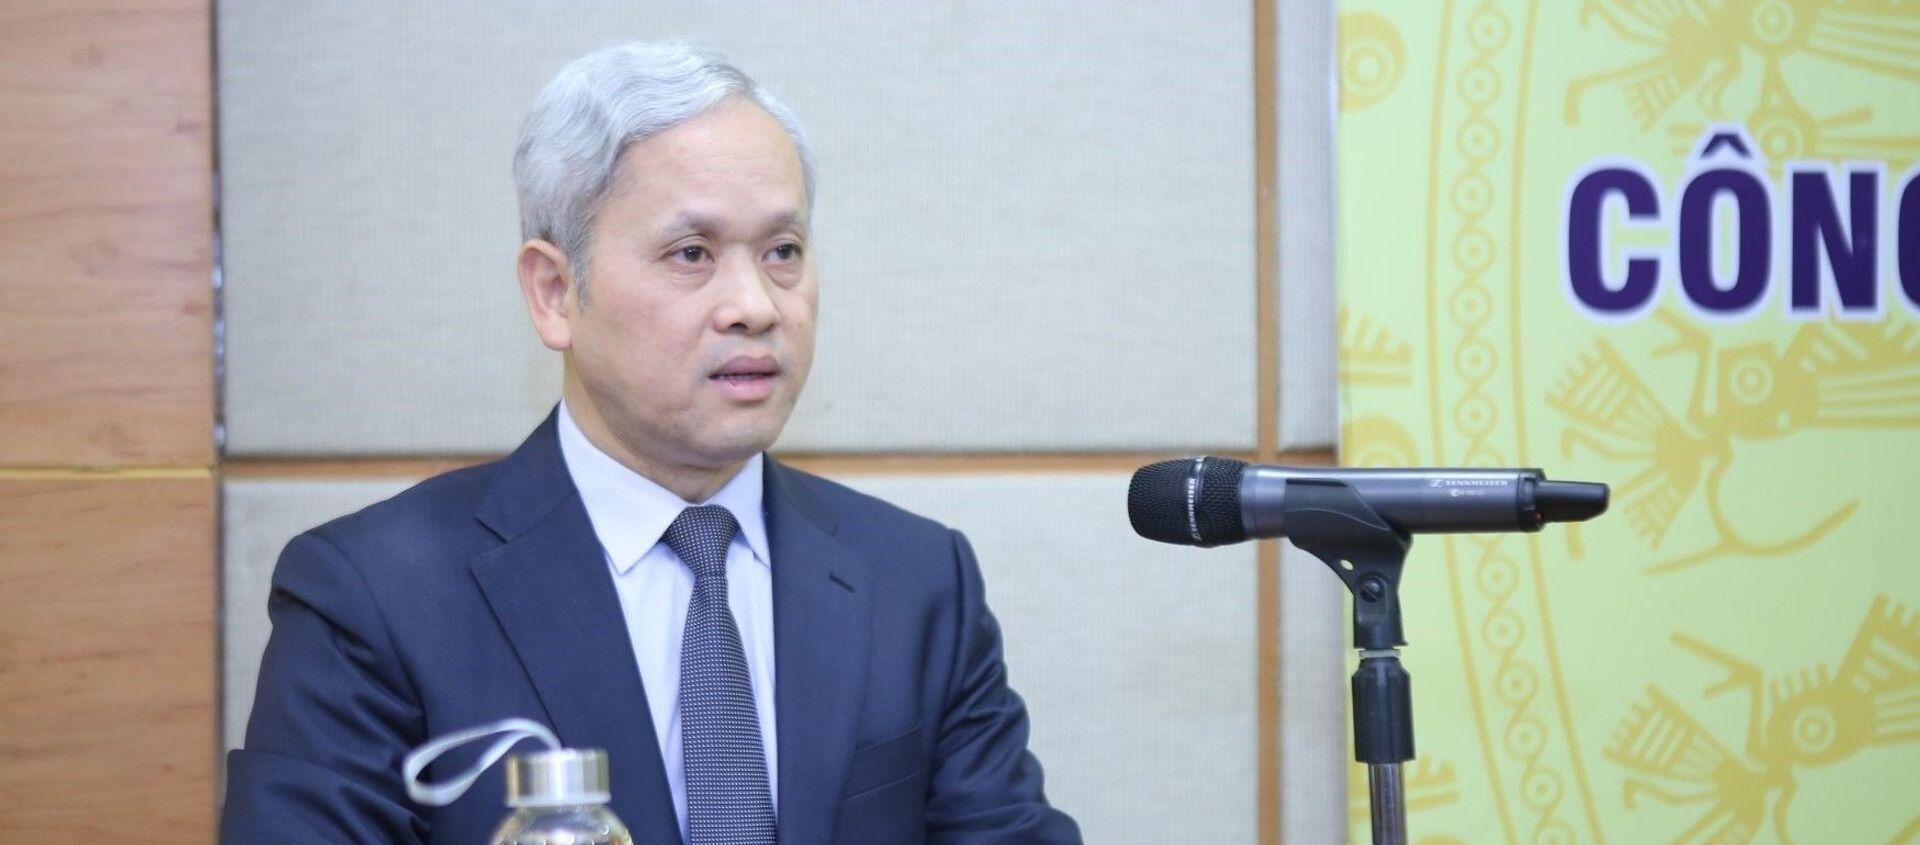 Tổng cục trưởng Tổng cục Thống kê Nguyễn Bích Lâm công bố kết quả đánh giá lại quy mô GDP giai đoạn 2010 - 2017 - Sputnik Việt Nam, 1920, 13.12.2019